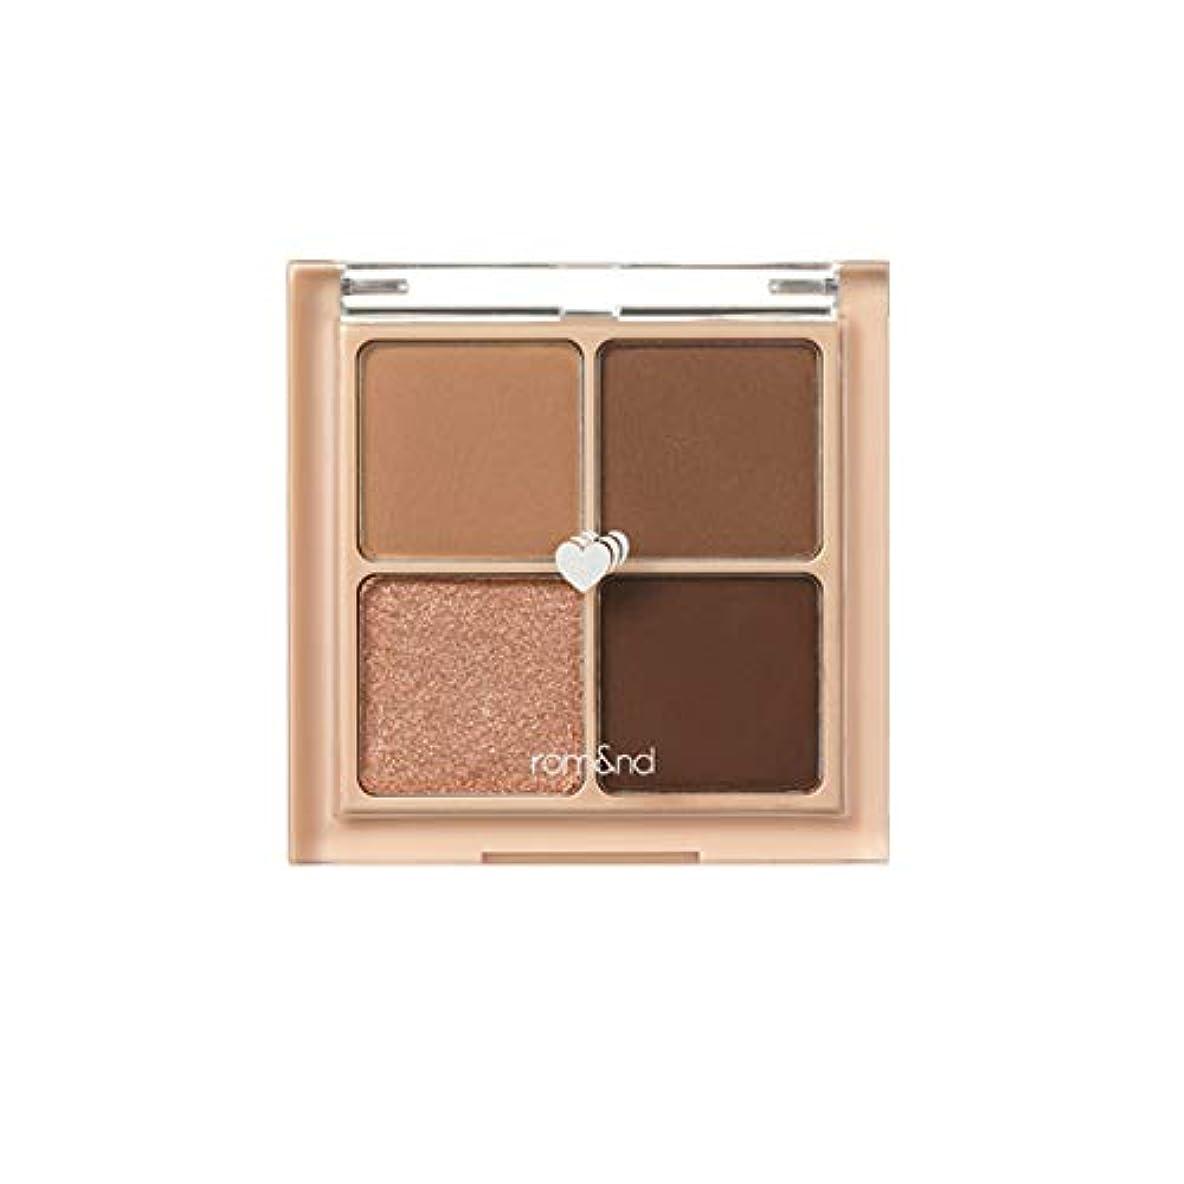 ヘッドレス永久に数値rom&nd BETTER THAN EYES Eyeshadow Palette 4色のアイシャドウパレット # 3 DRY ragras(並行輸入品)